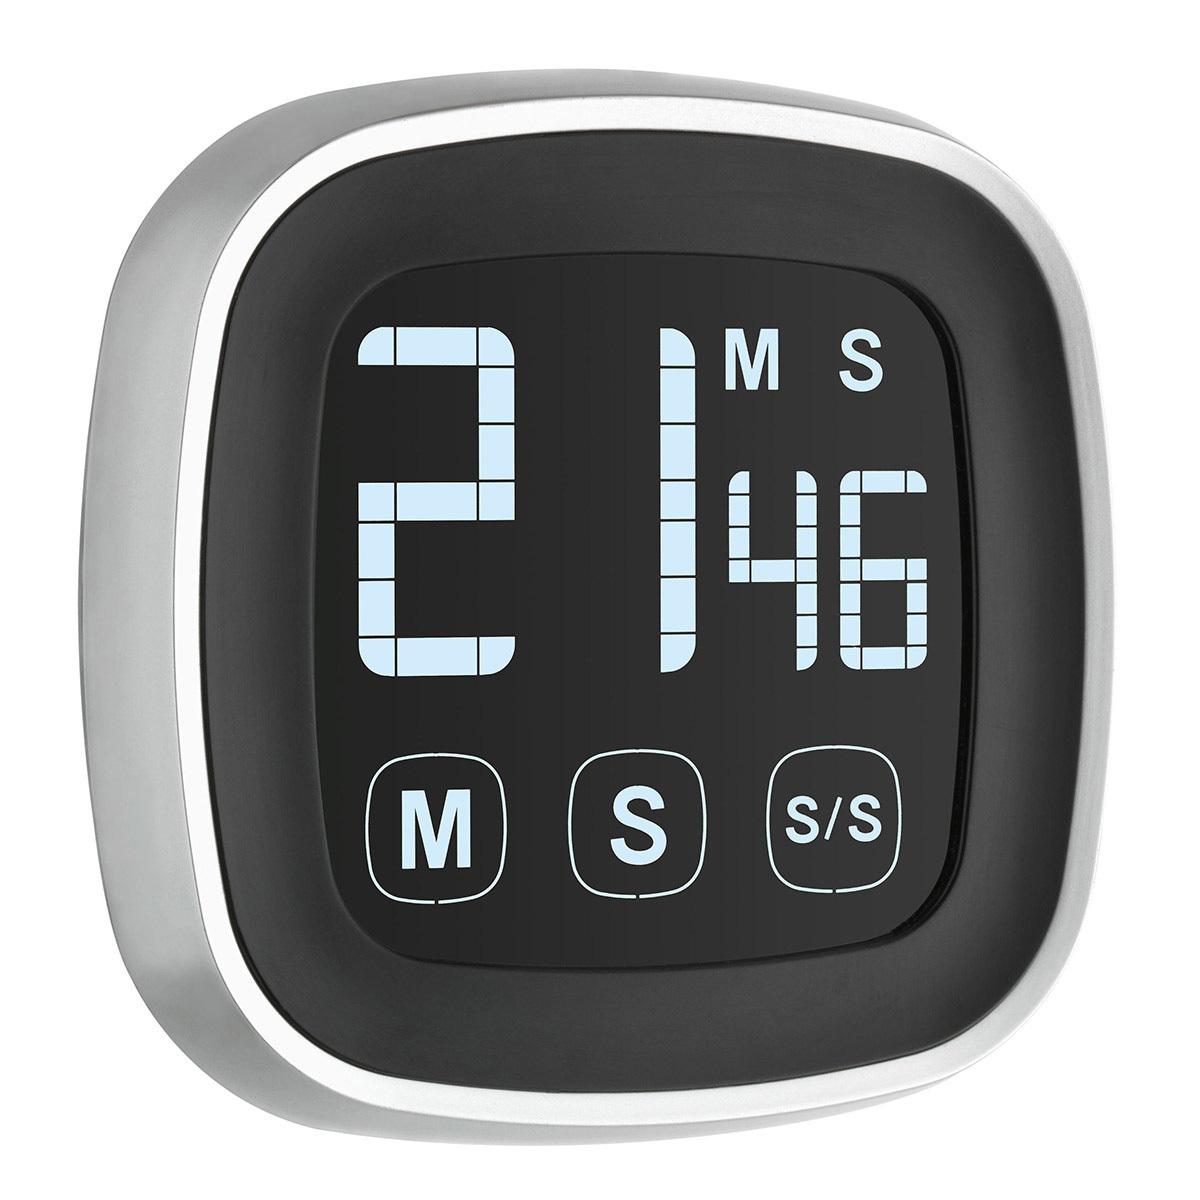 38-2028-01-digitaler-timer-stoppuhr-1200x1200px.jpg